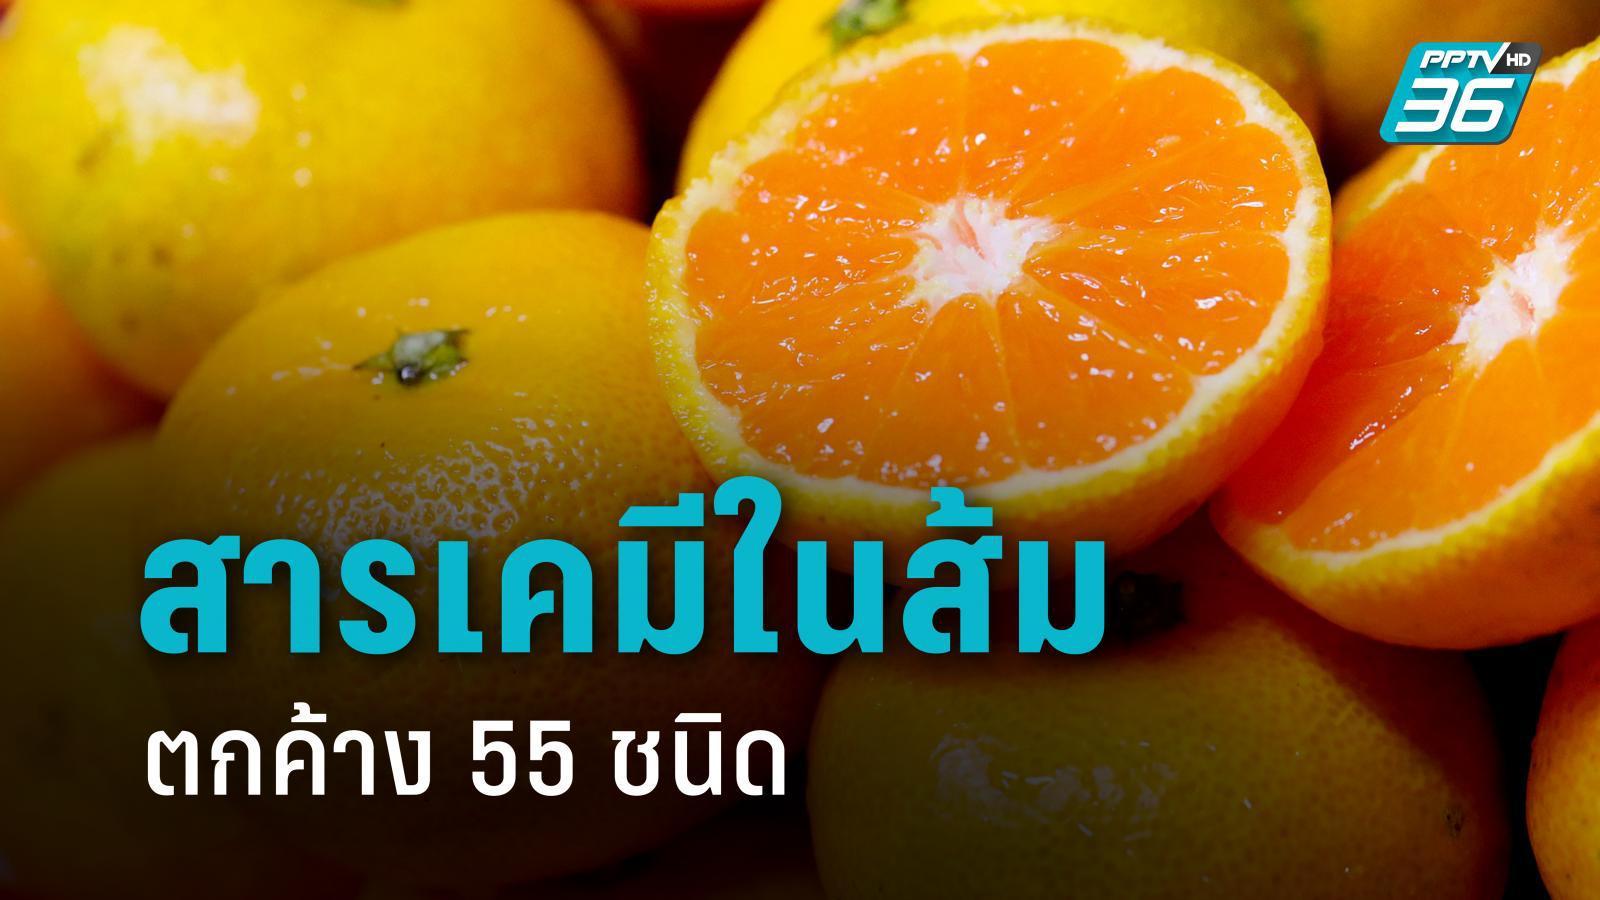 """อึ้ง! """"ส้มไทย"""" สารเคมีตกค้าง 55 ชนิด  เกินมาตรฐานความปลอดภัย จี้ห้างค้าปลีกติด """"คิวอาร์โค้ด"""" แสดงข้อมูลแหล่งผลิต"""